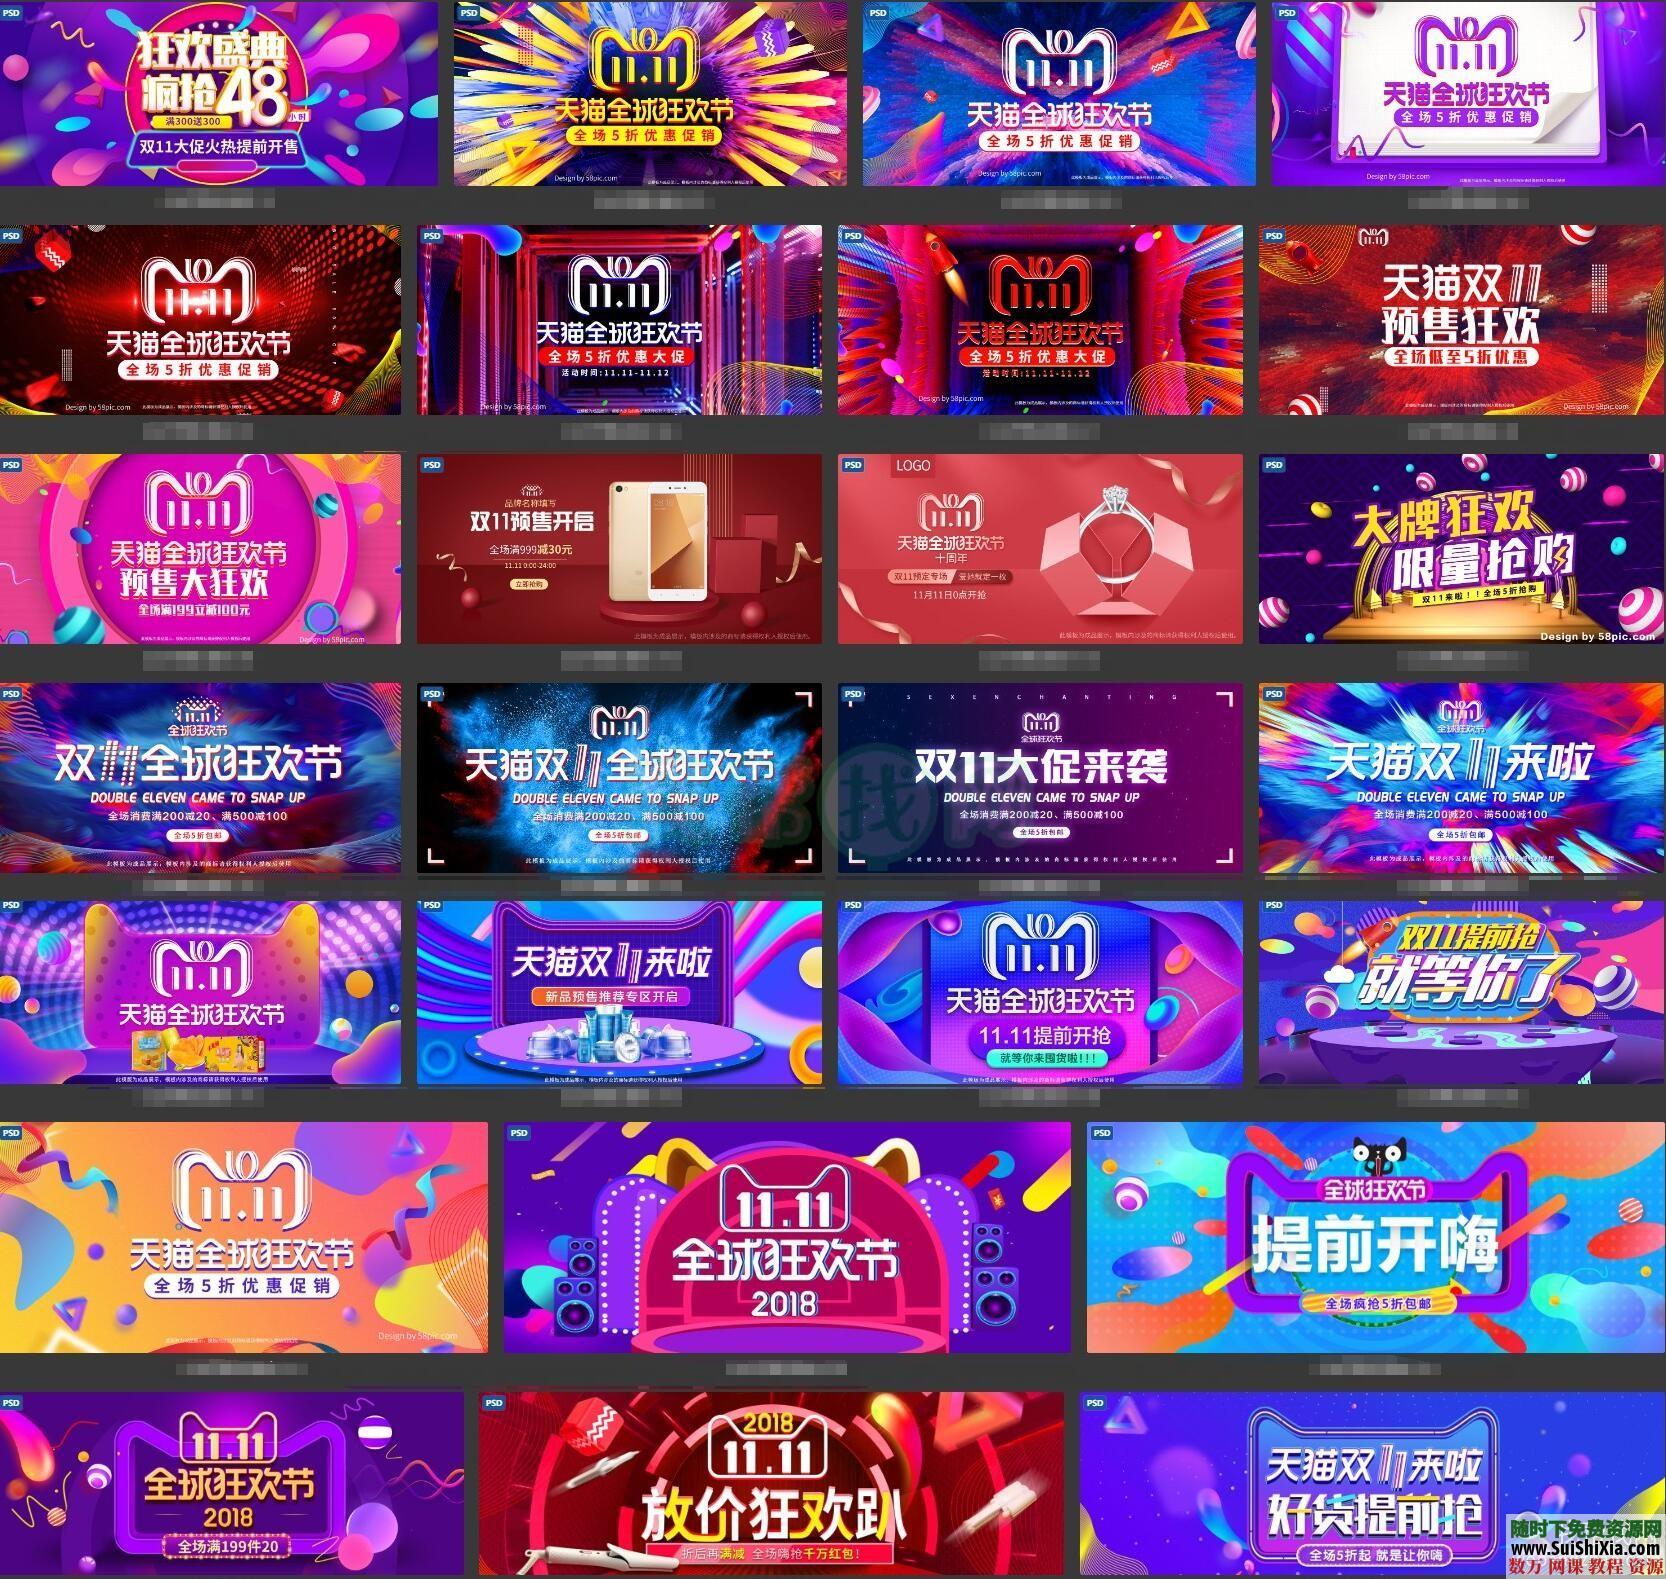 双十一狂欢节促销活动海报PSD素材源文件 199套打包 第1张